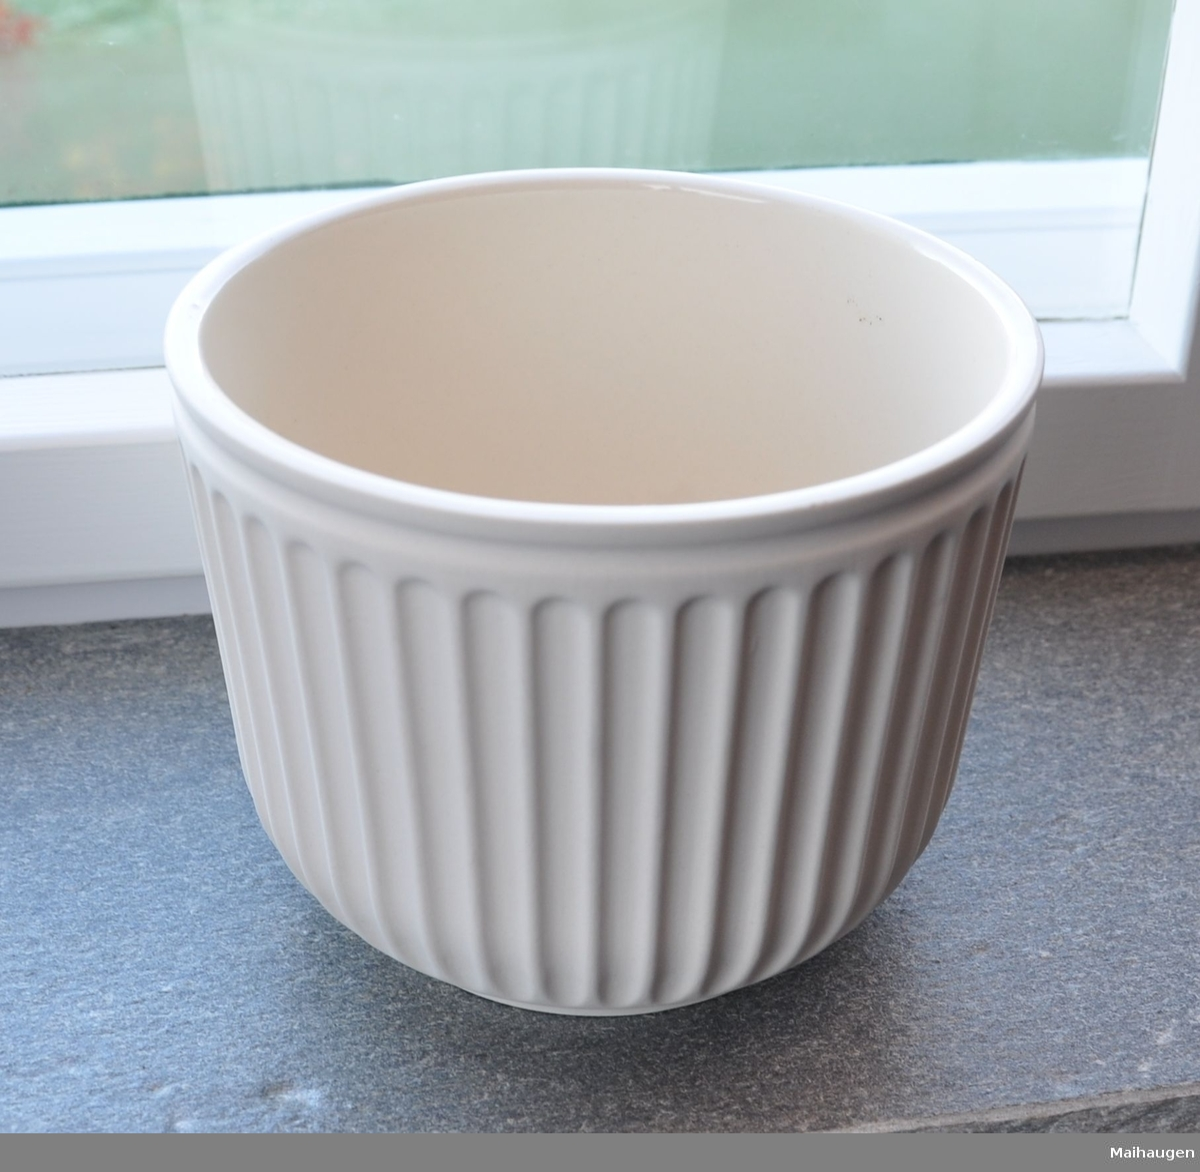 Potteskjuler av uglassert keramikk. Sylindrisk form med avfaset bunn og kannelert dekor på korpus.